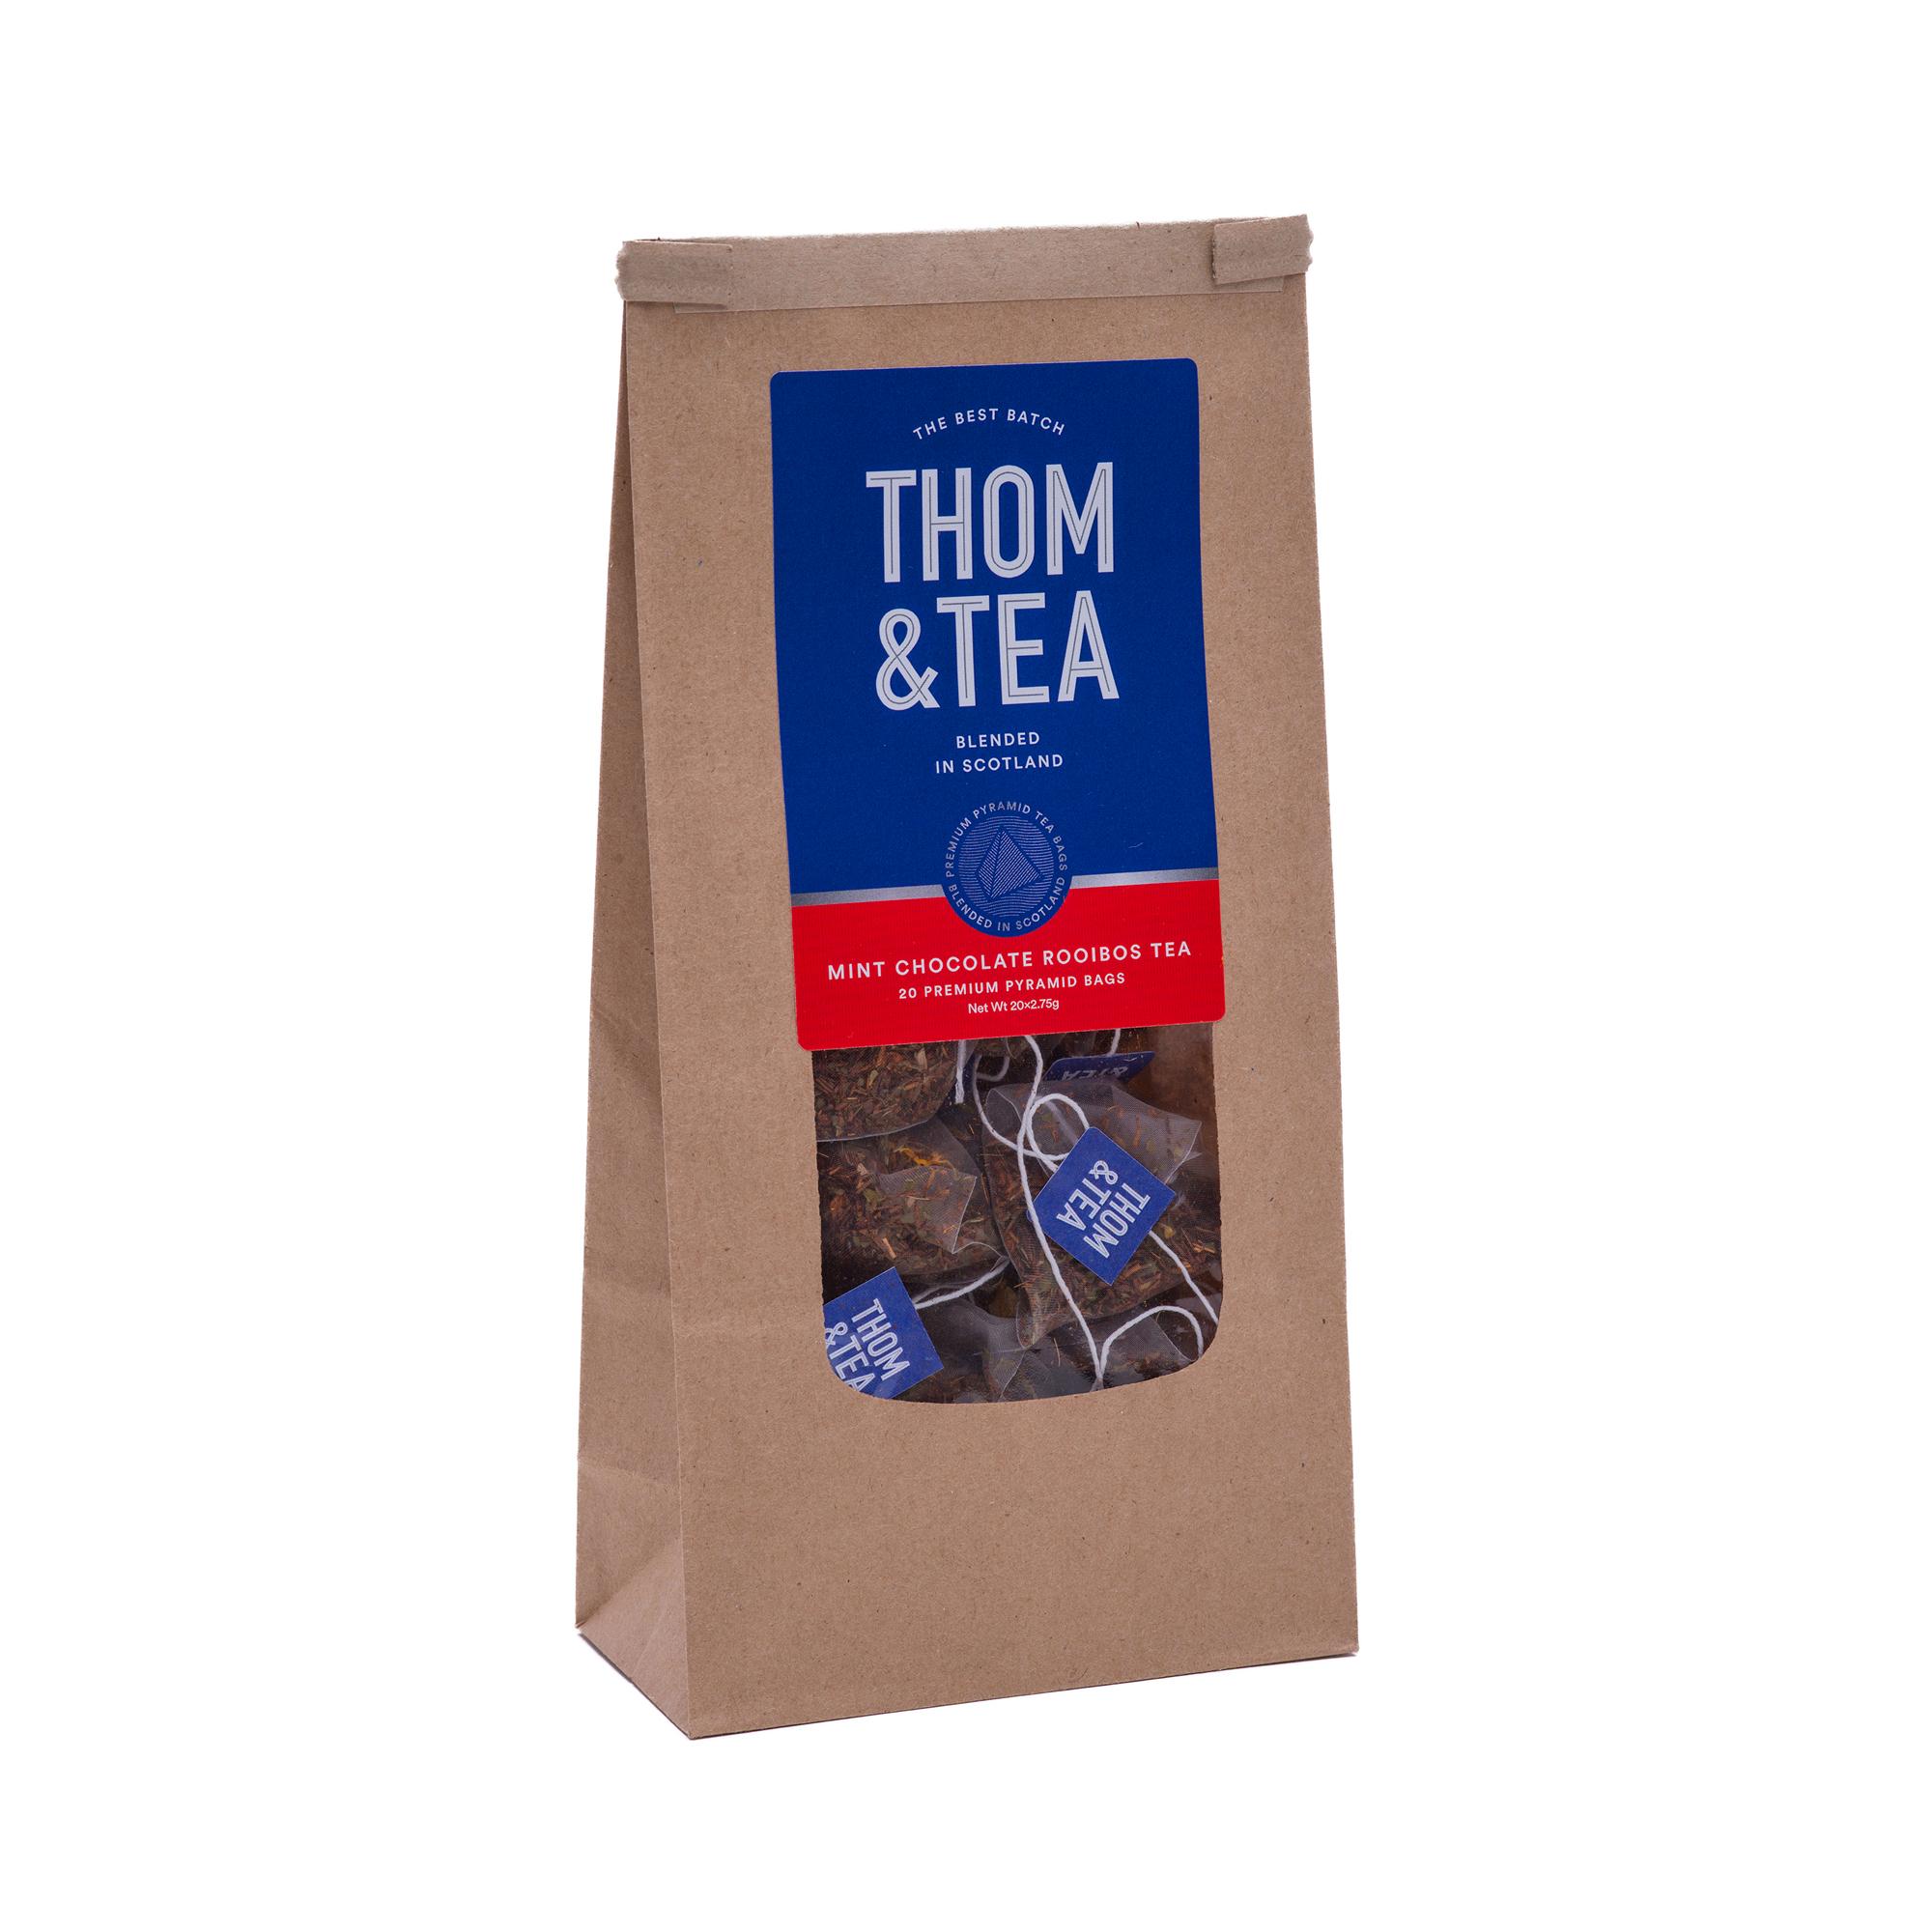 THOM&TEA-Mint-Choc-Refill-Bag.jpg